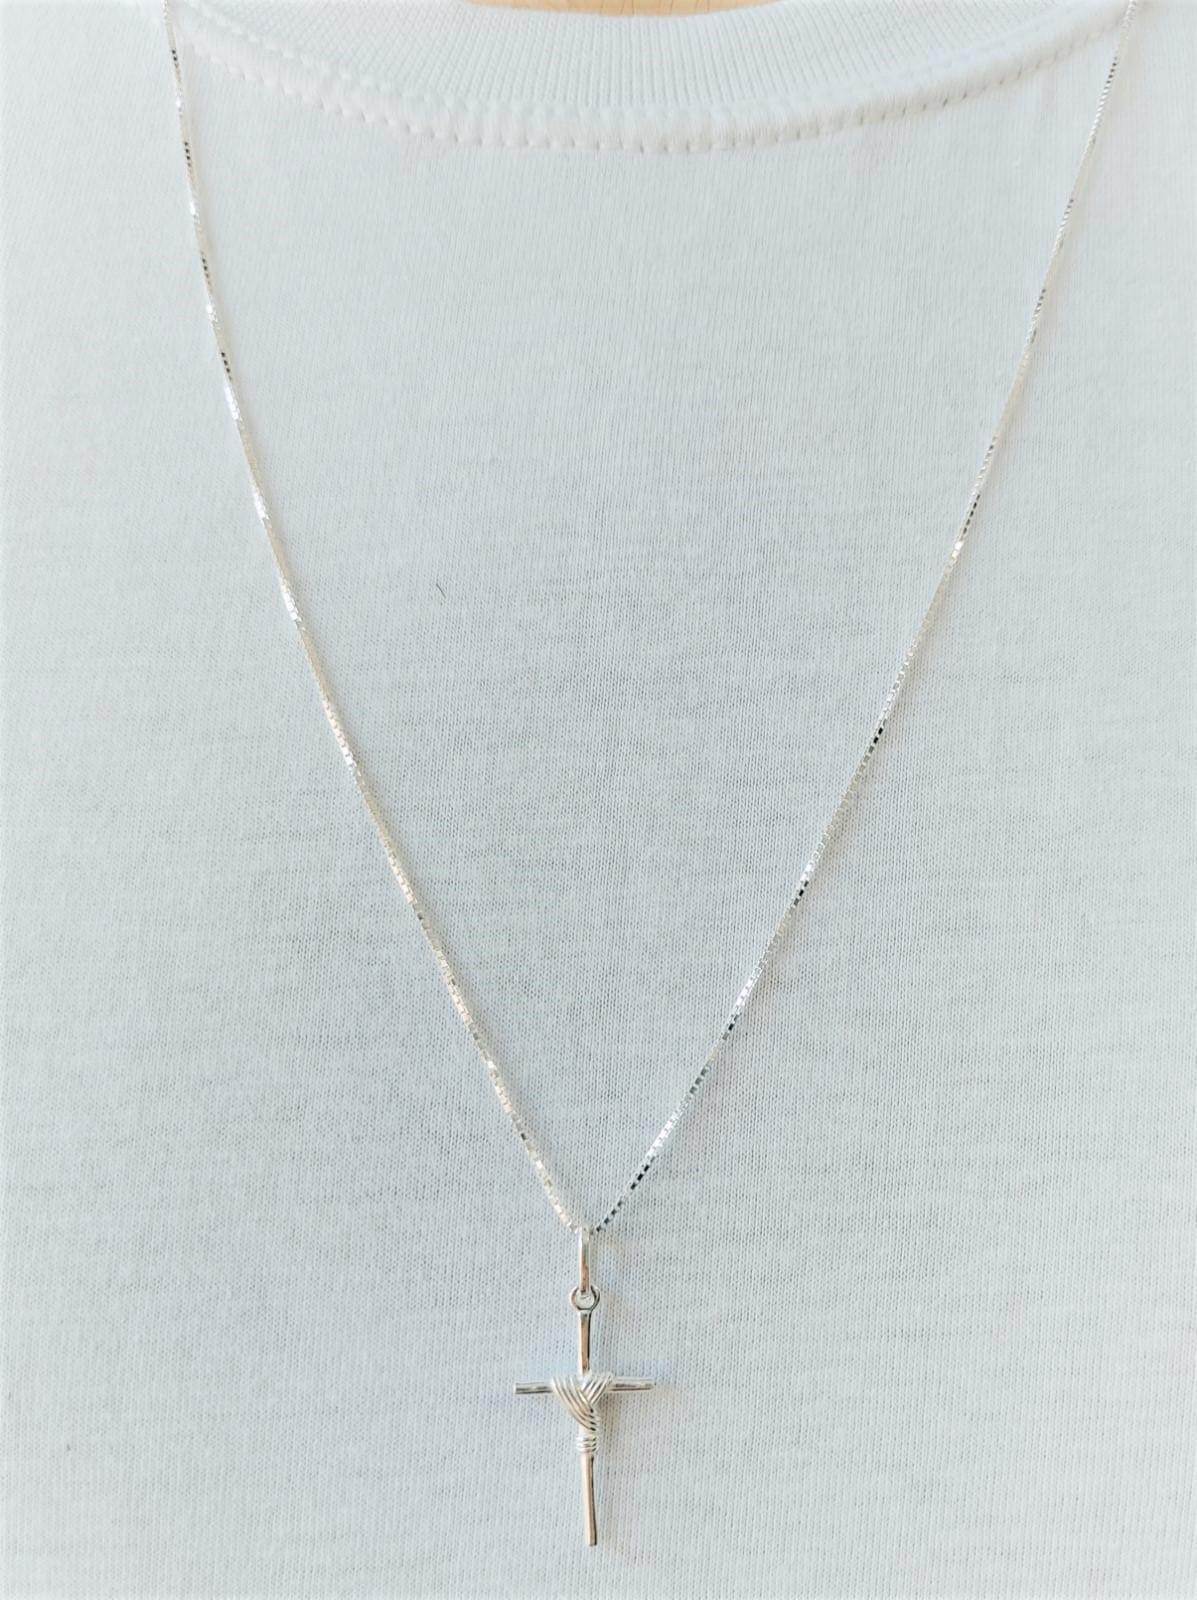 Cordão Corrente Masculina Veneziana 80cm Pingente Crucifixo Prata 925 Maciça